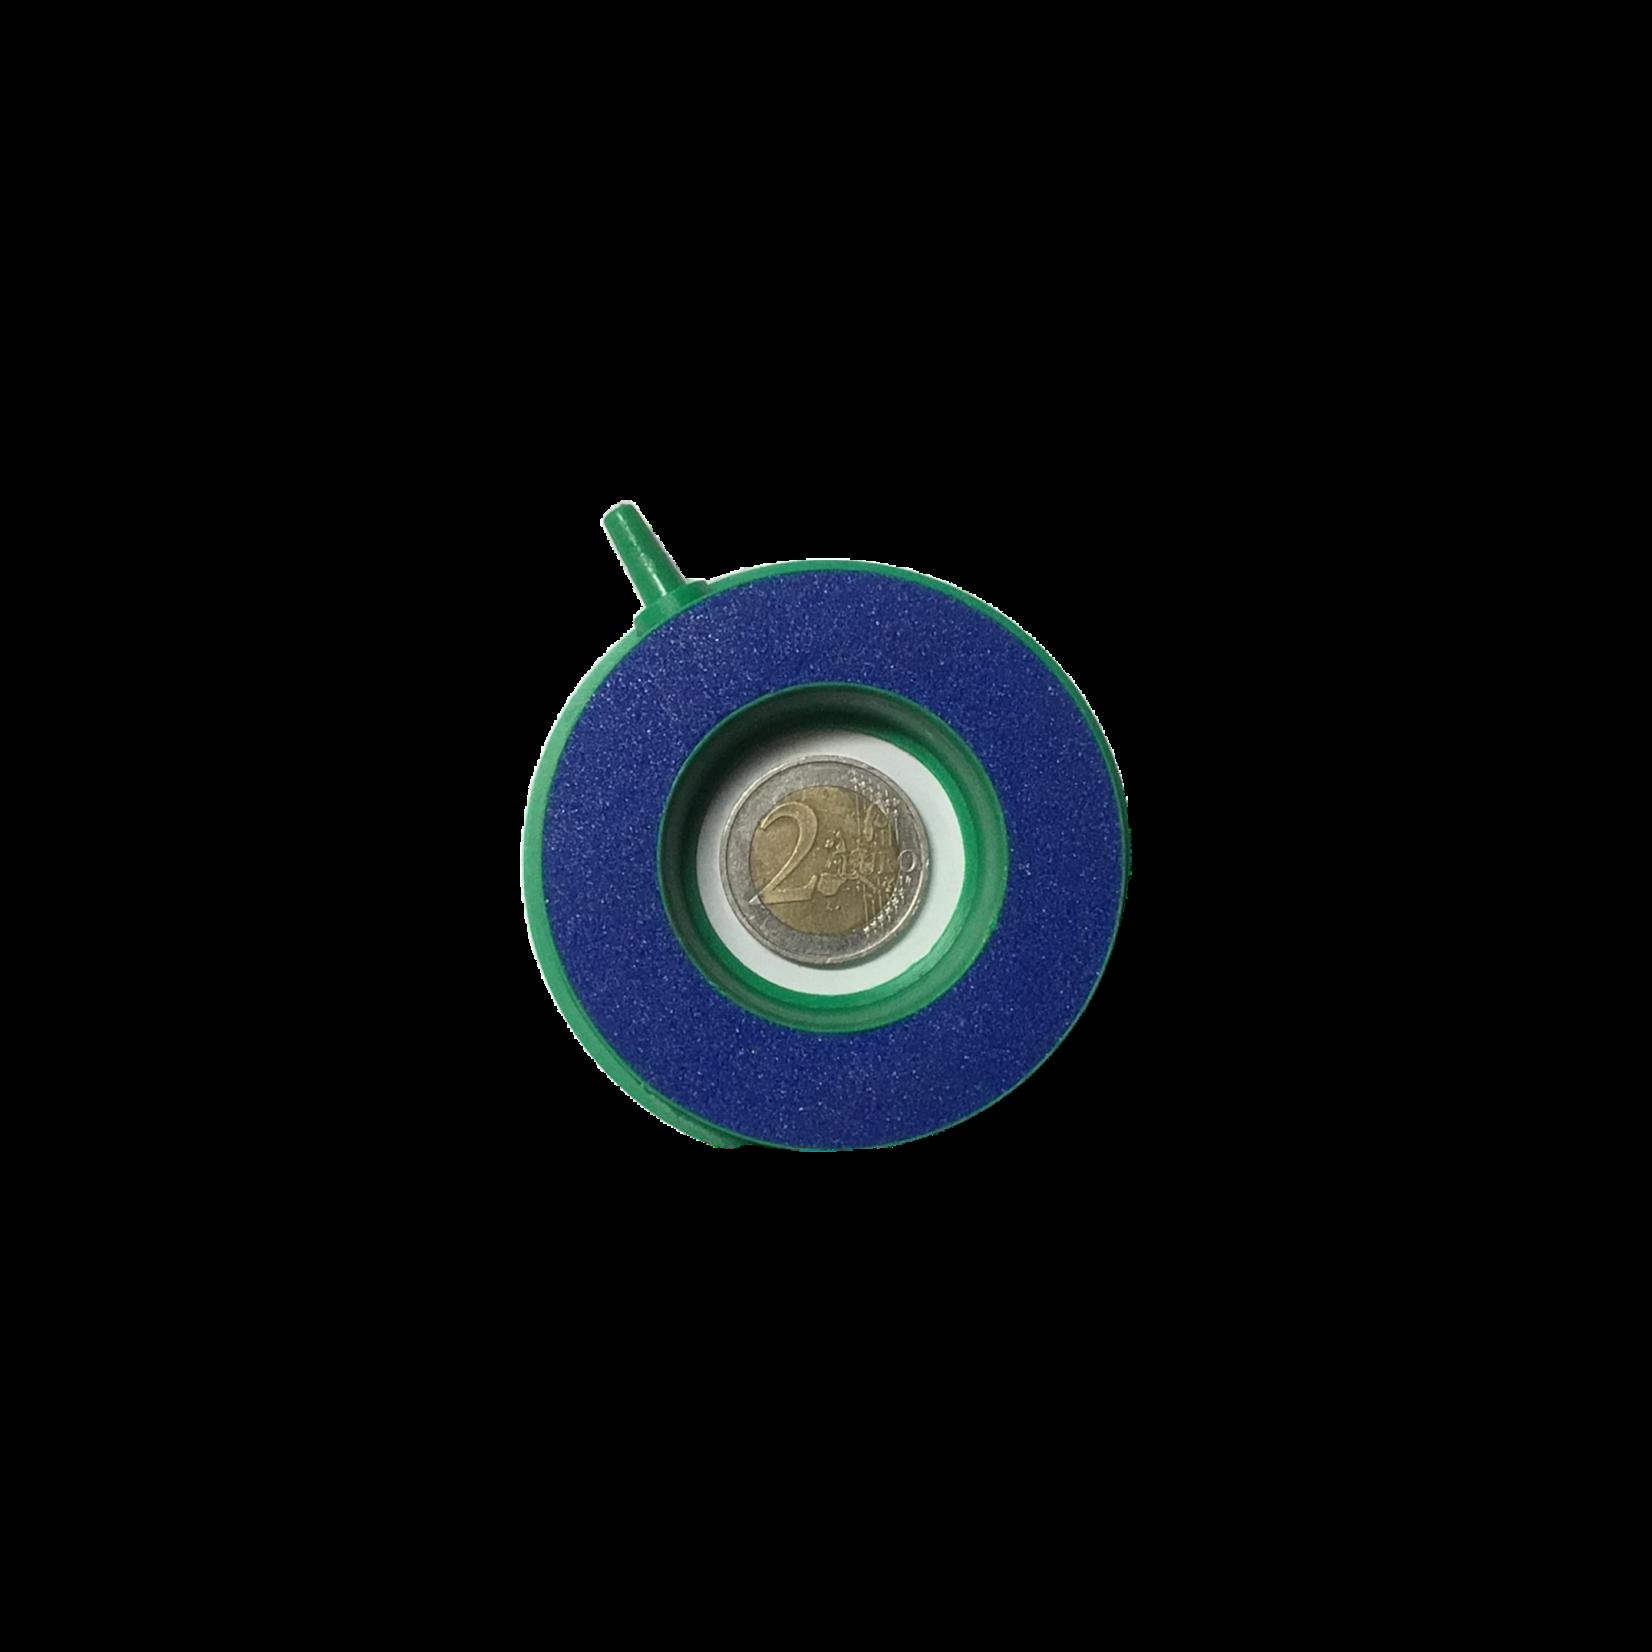 Aqua Nova Anneaux diffuseur d'air